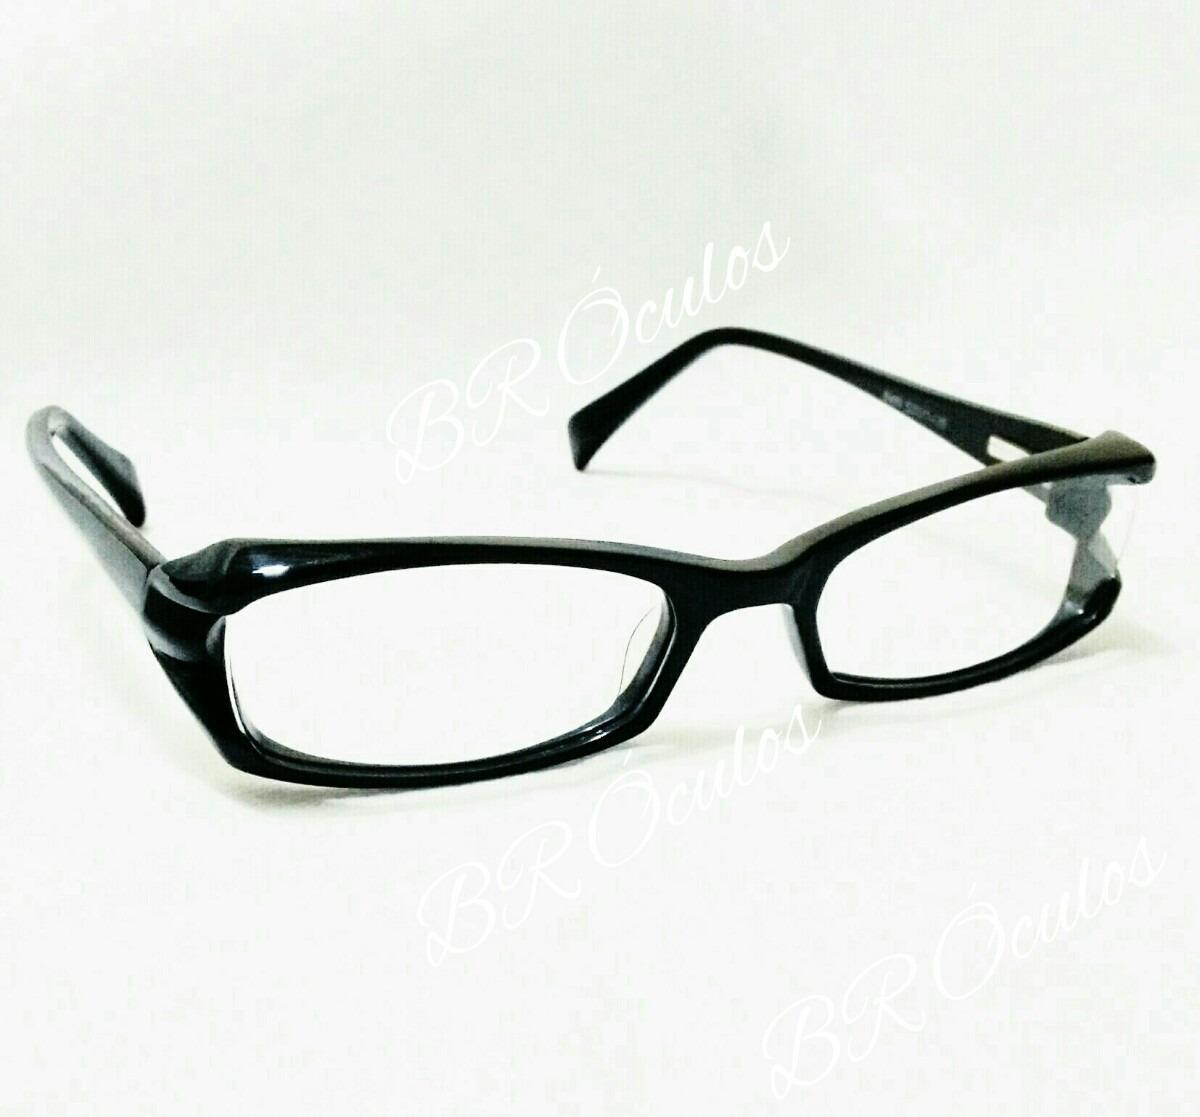 028008fe0 Armação Óculos De Grau Designer Italiano Preto - R$ 29,99 em Mercado ...